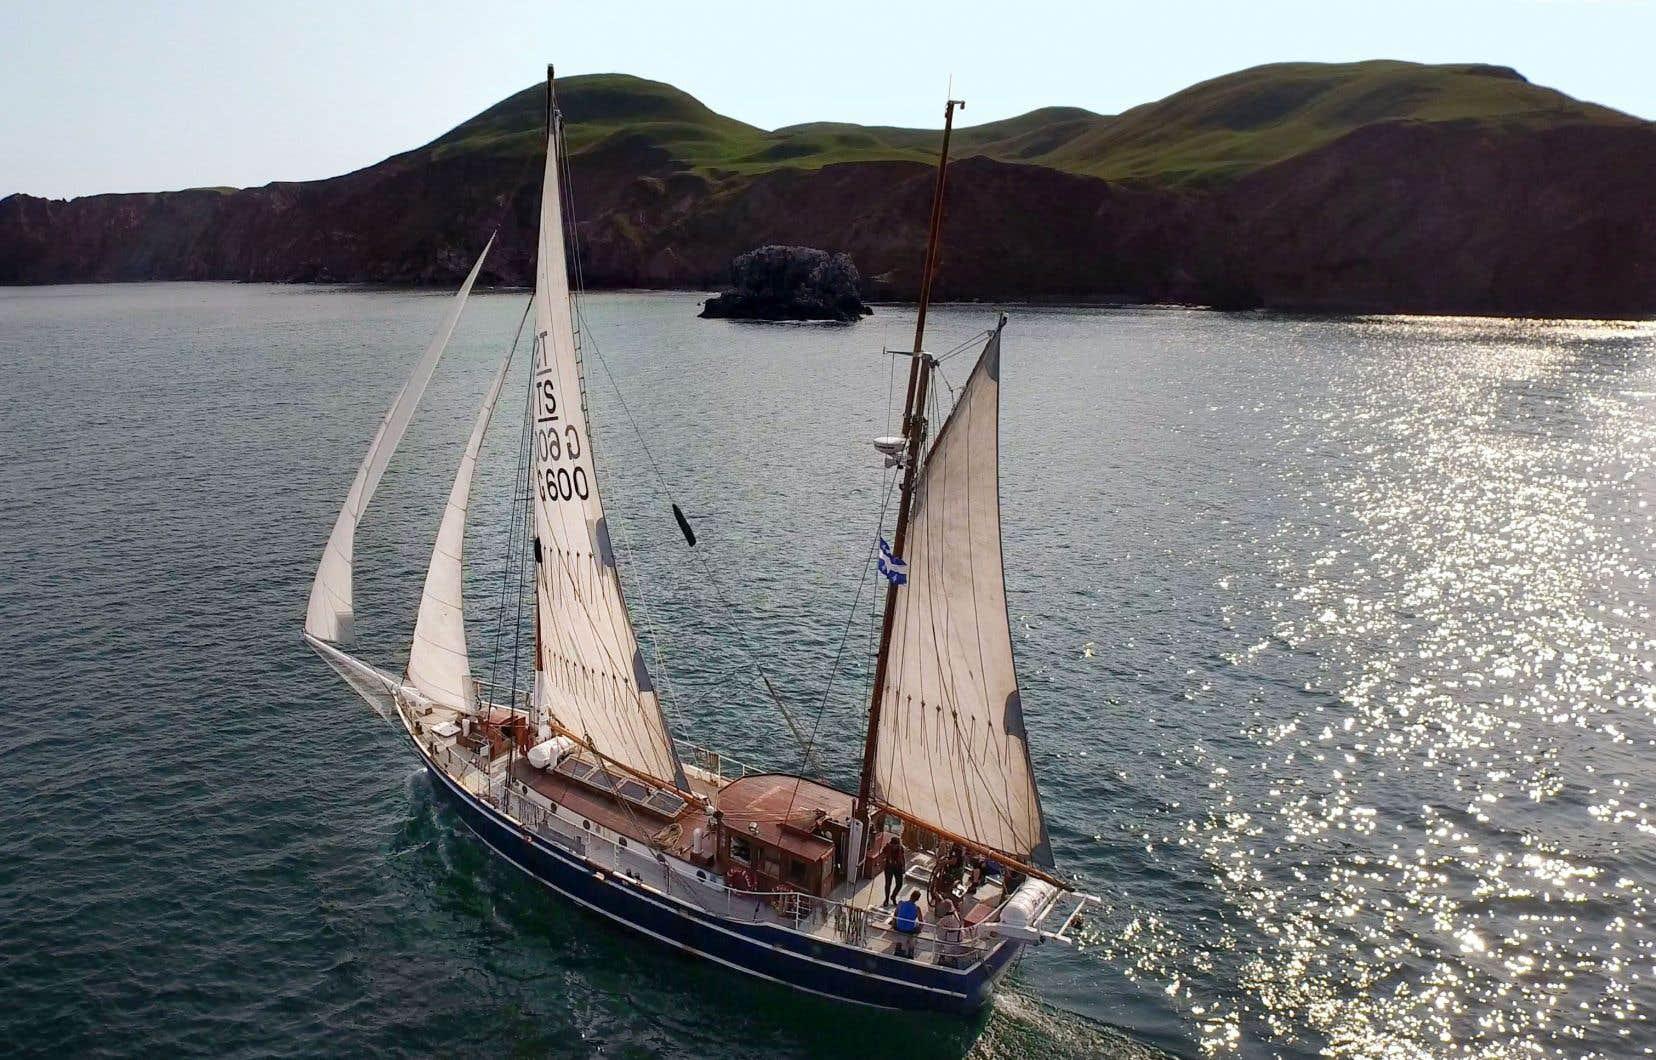 Le voilier <em>ÉcoMaris</em>, qui devrait emmener les passagers de la Basse-Côte-Nord jusqu'à Terre-Neuve et en Nouvelle-Écosse.